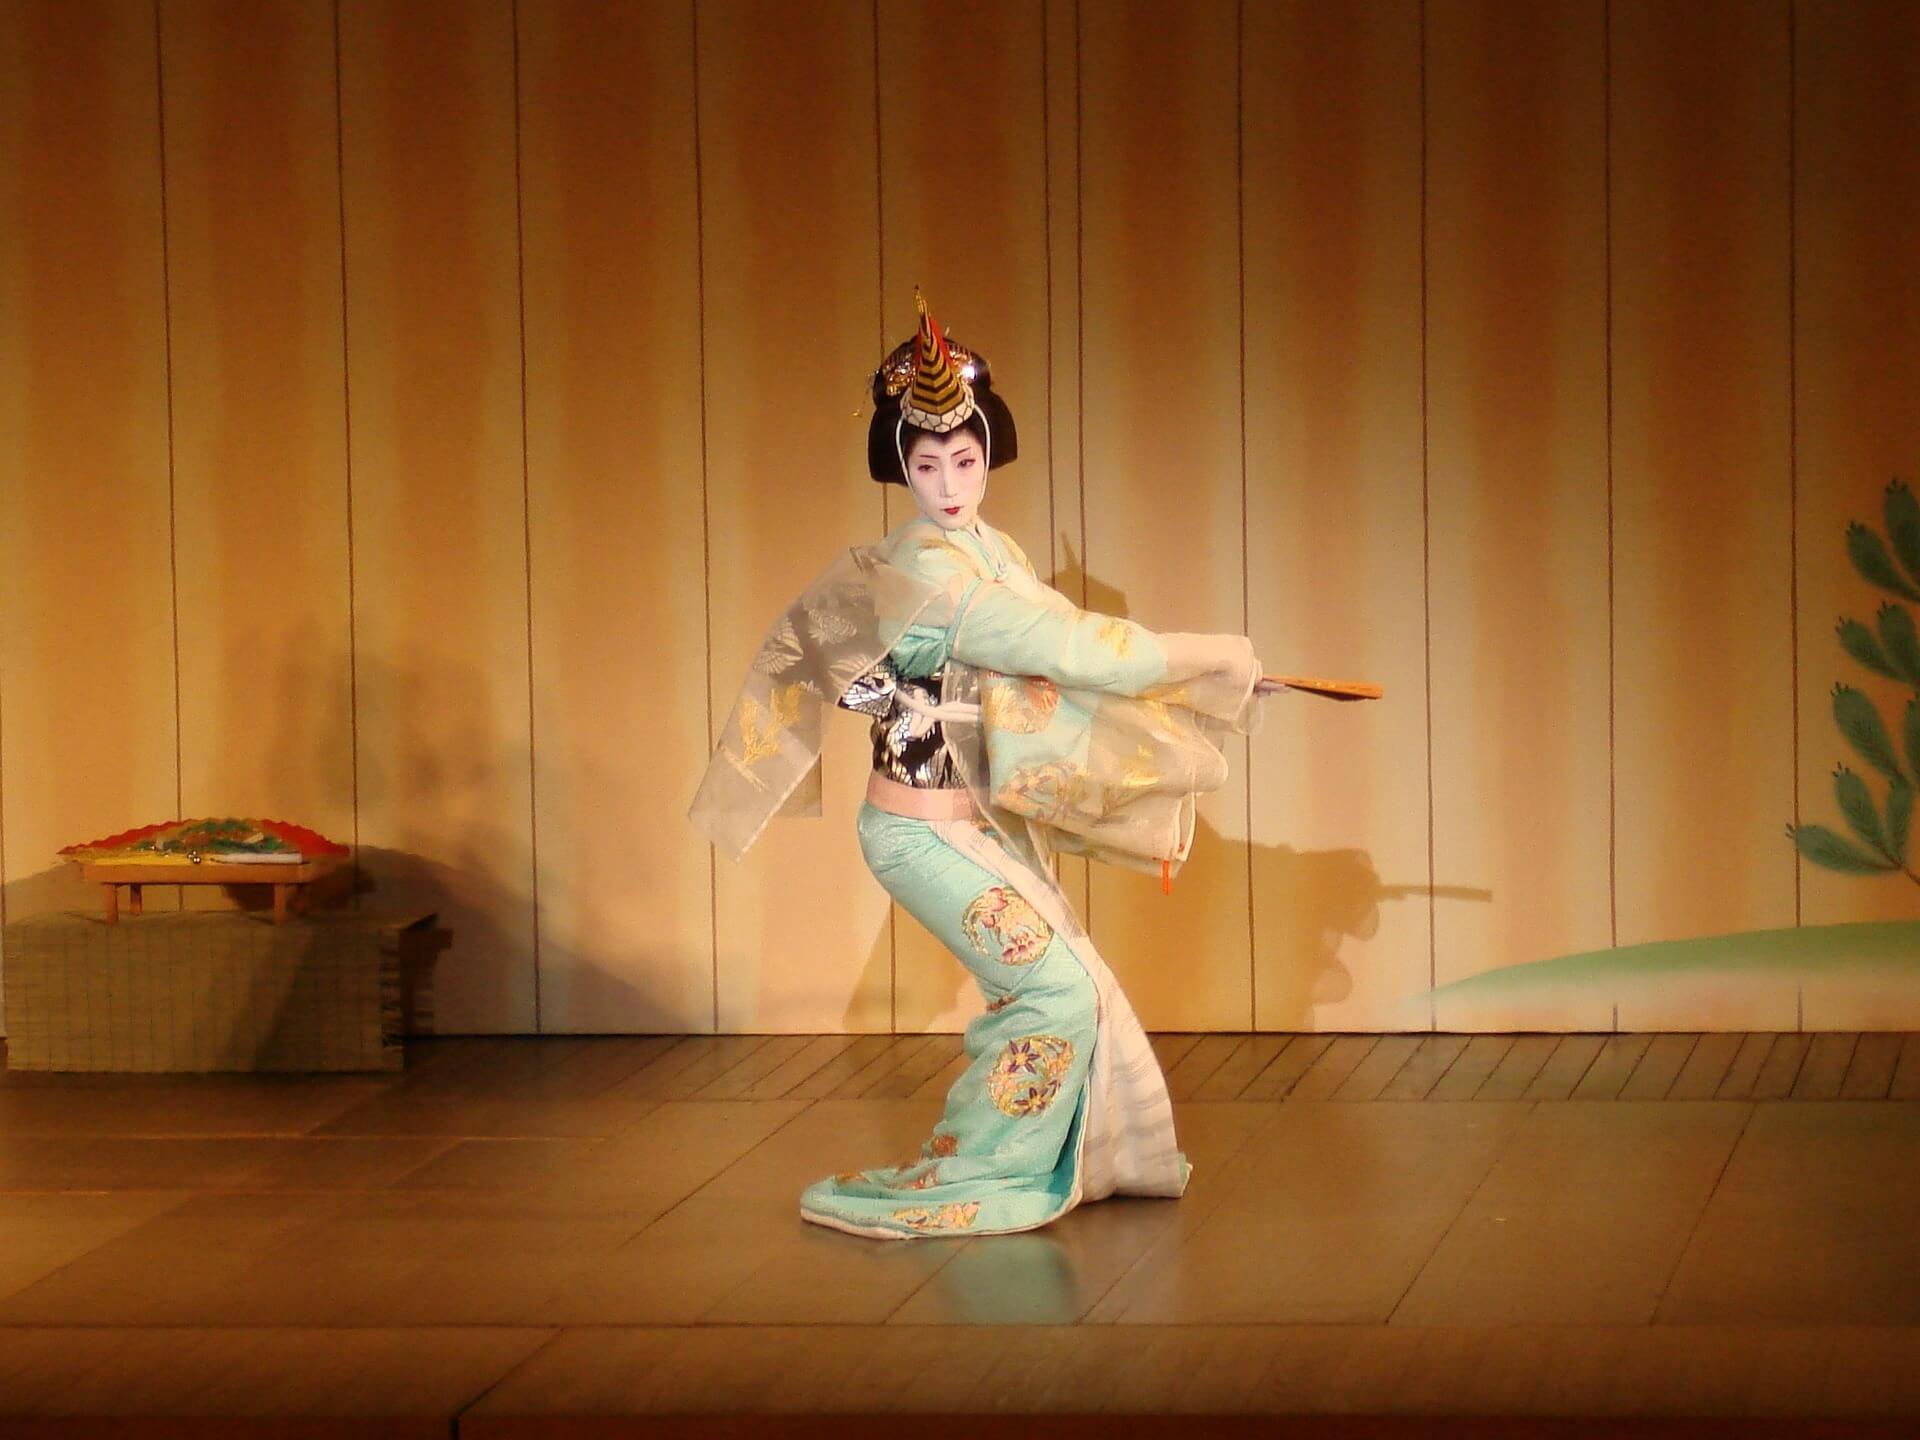 Darbietung einer Geisha auf der ühne